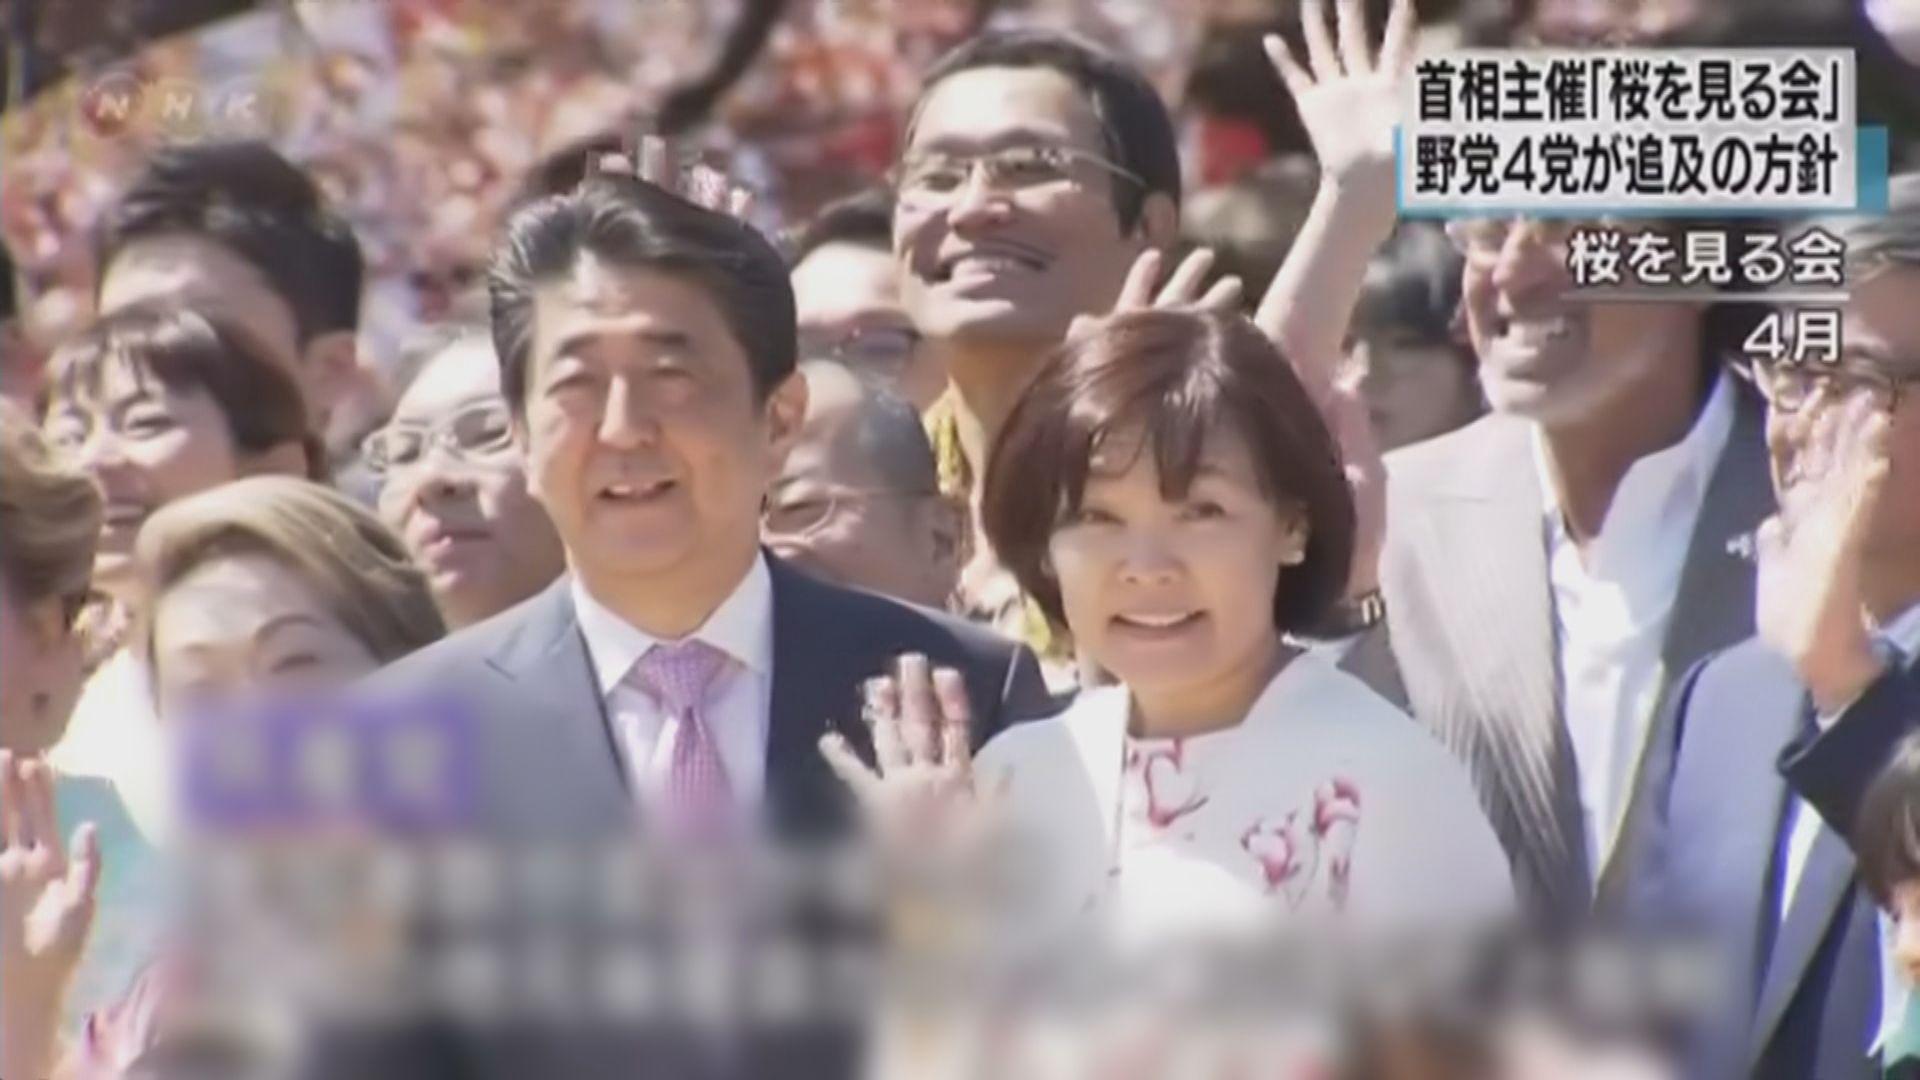 安倍晉三涉公款招待支持者 在野黨促調查